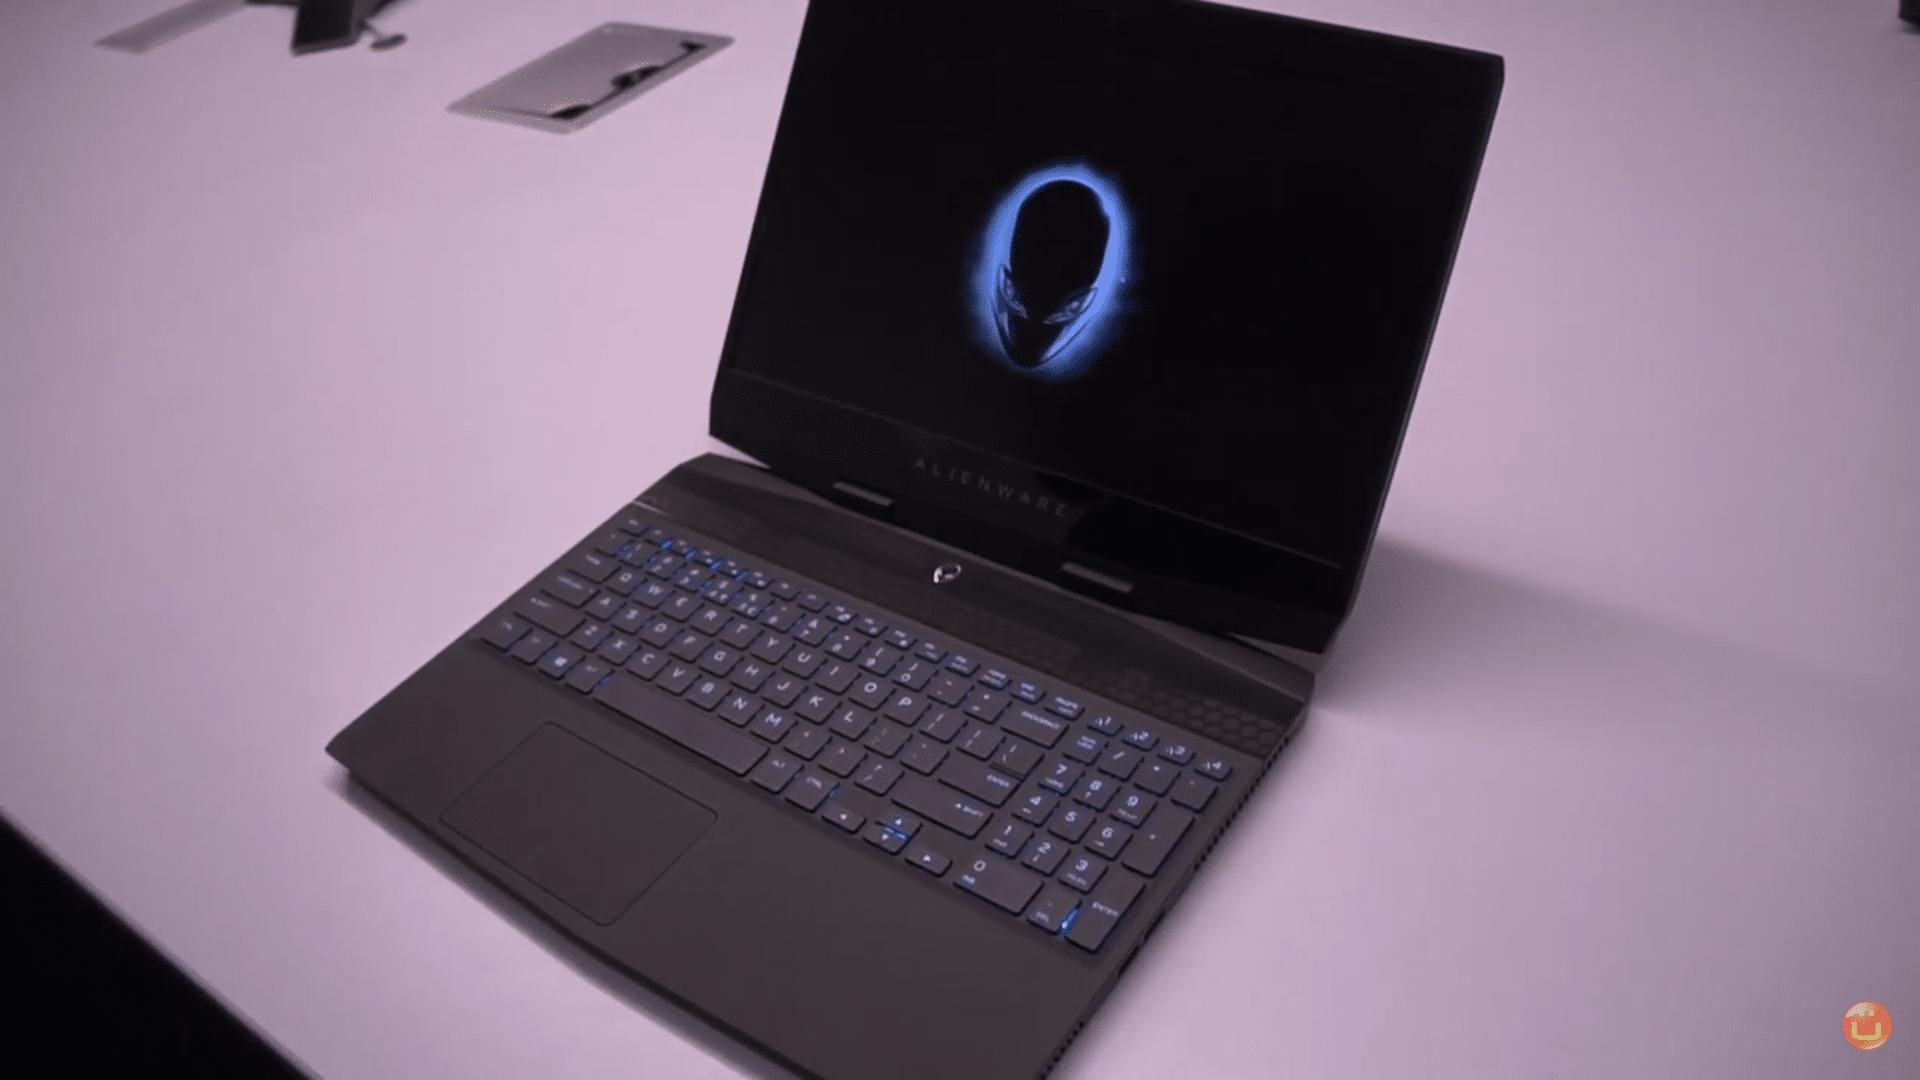 Alienware m15 2019 RTX 2080 max q